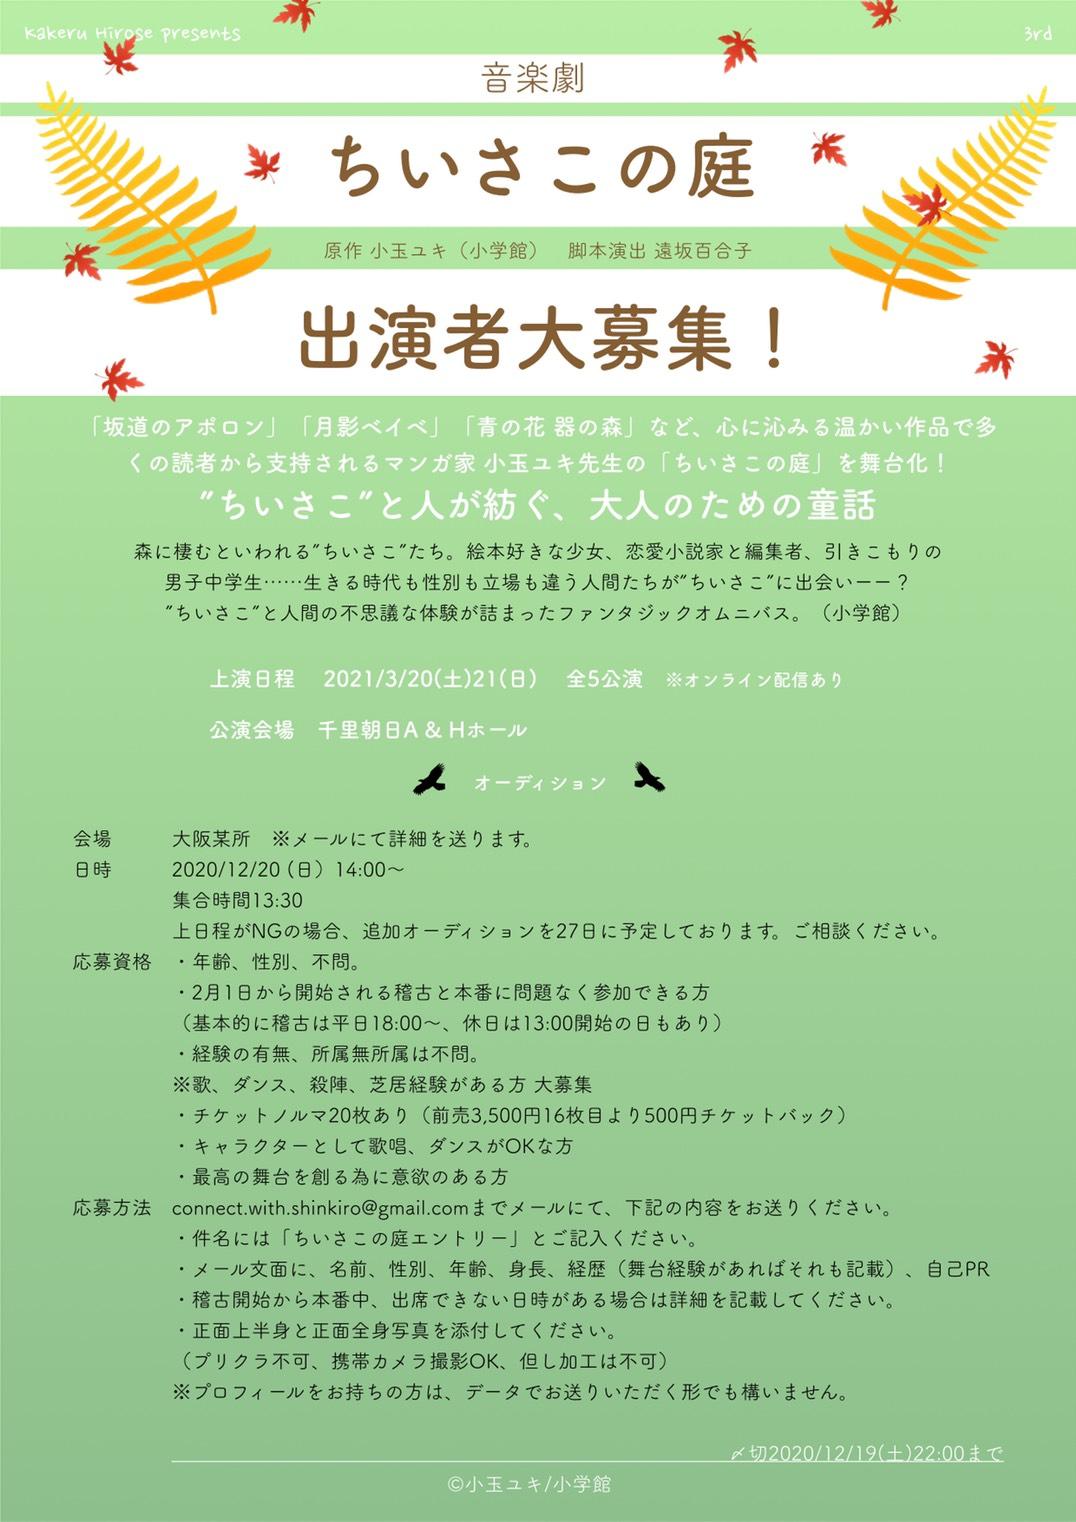 オーディション [大阪]音楽劇「ちいさこの庭」出演者オーディション 人気漫画家小玉ユキ先生の作品を舞台化 主催:Sh!nkiяo、カテゴリ:舞台